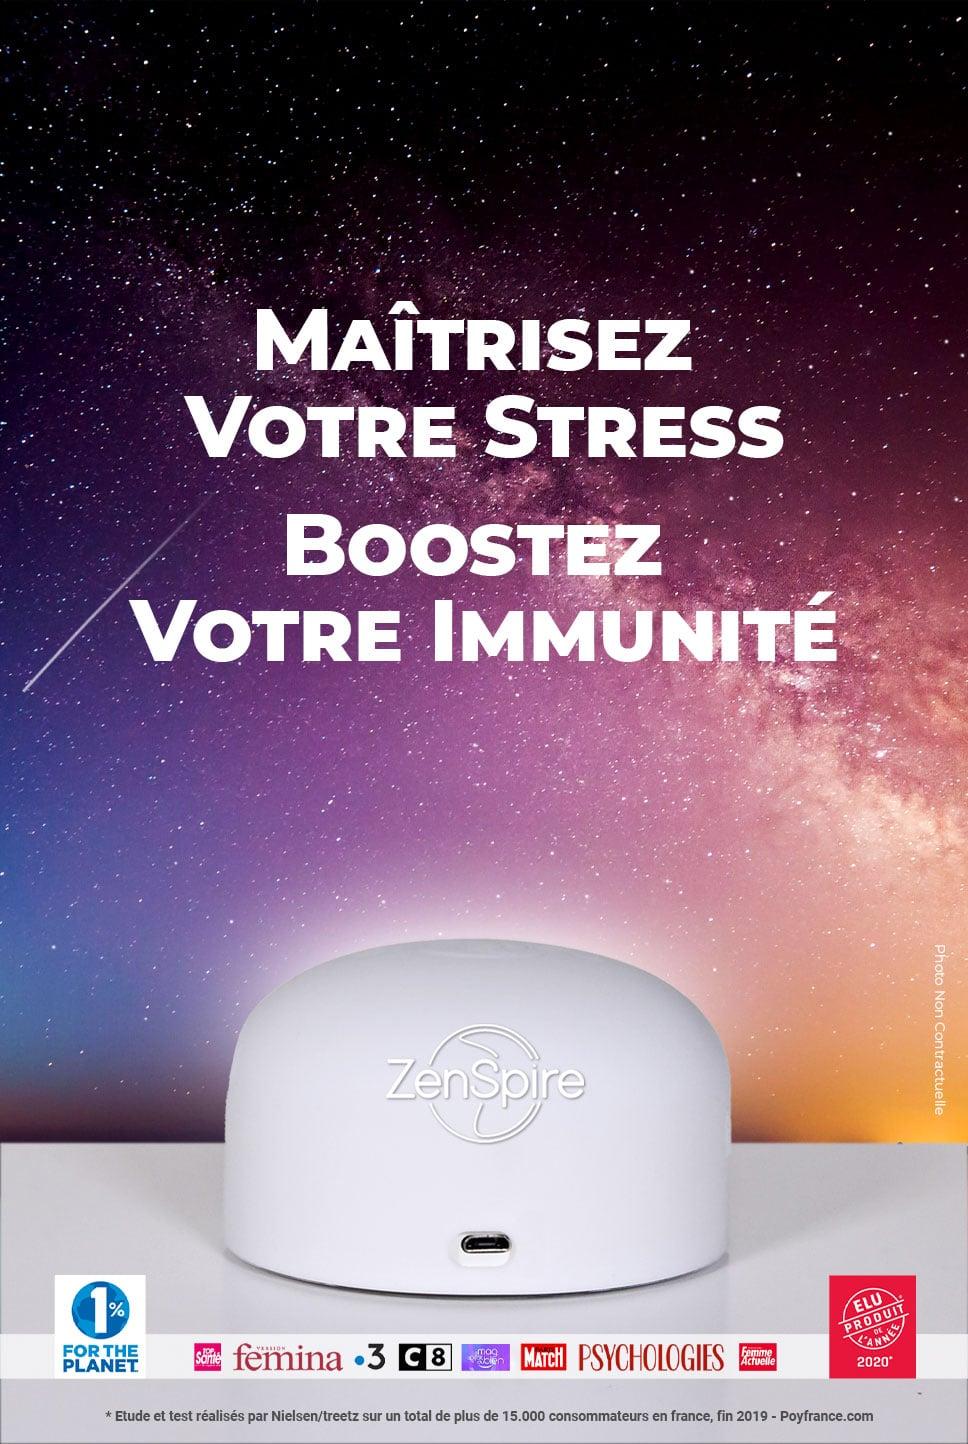 Zenspire, maîtrisez votre stress et boostez votre immunité